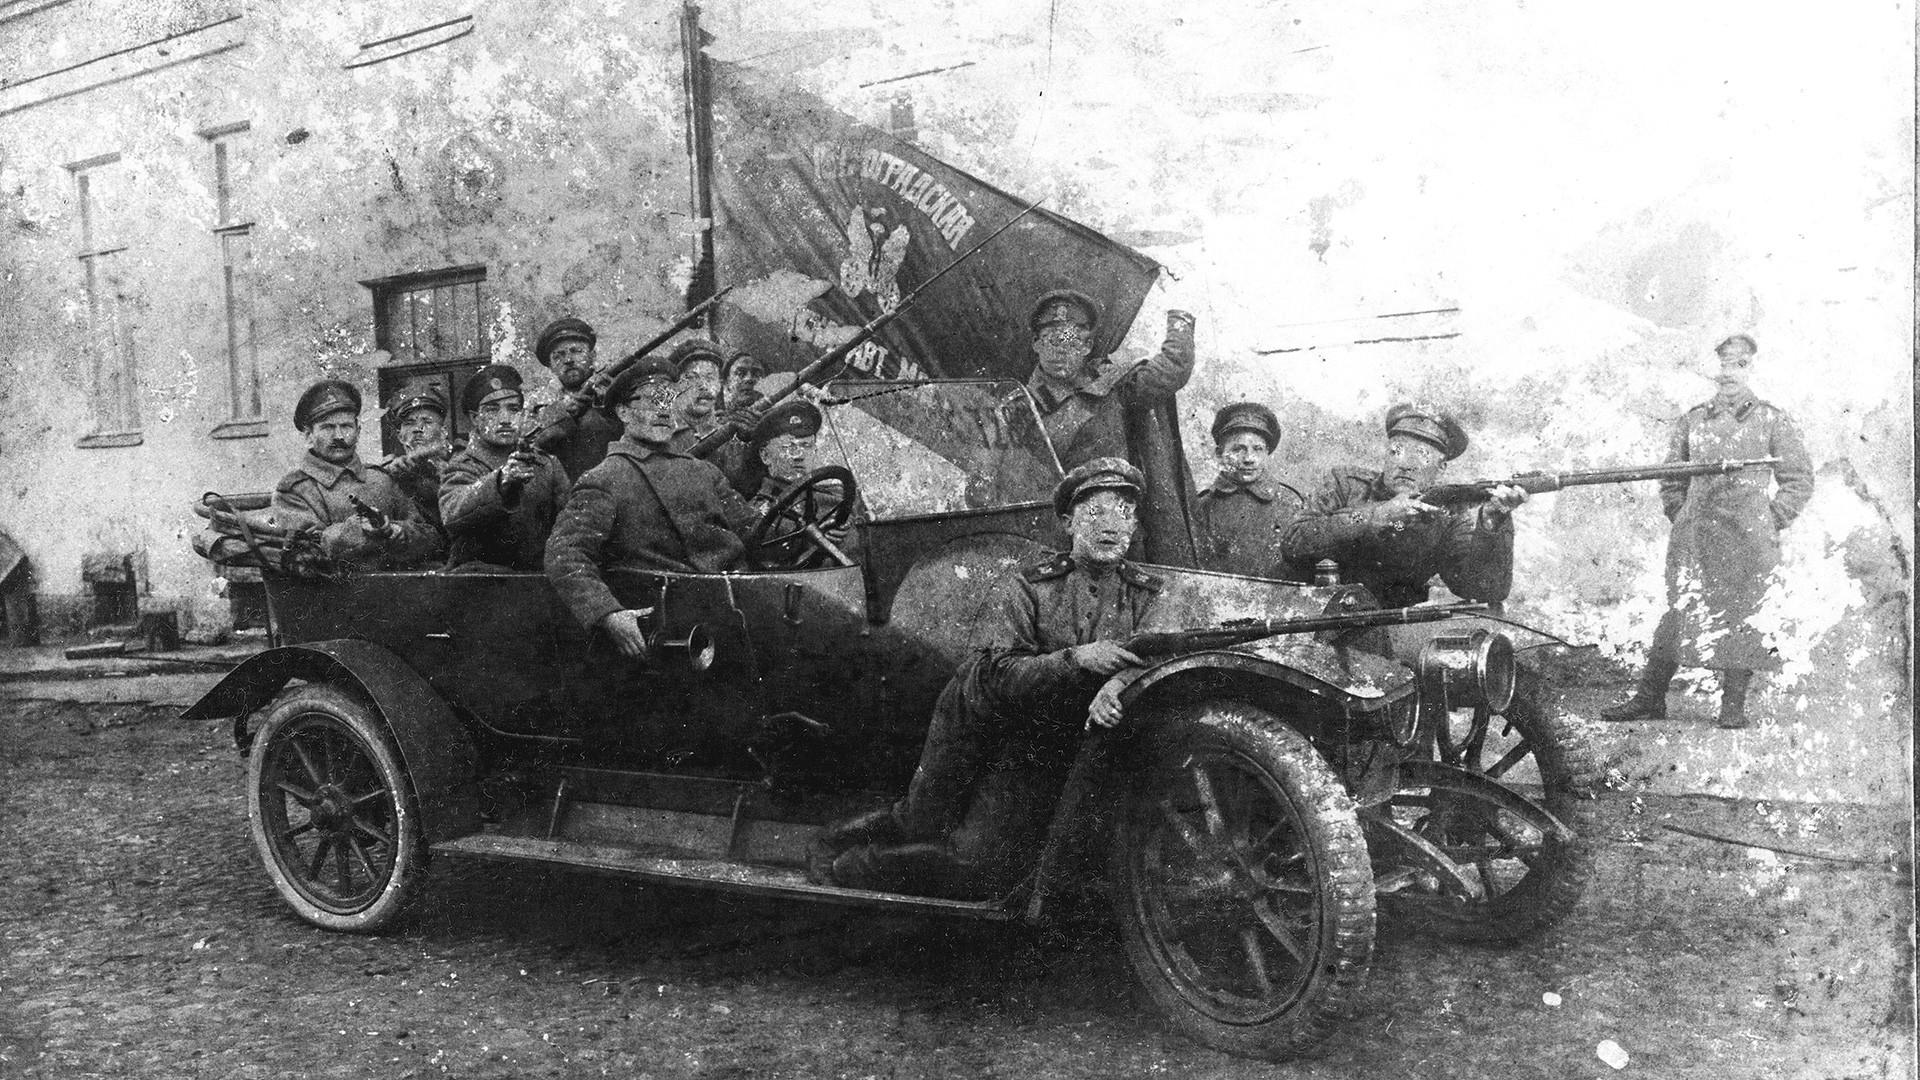 Gruppo di soldati si prepara ad assaltare il Palazzo d'Inverno. Pietrogrado, ottobre 1917